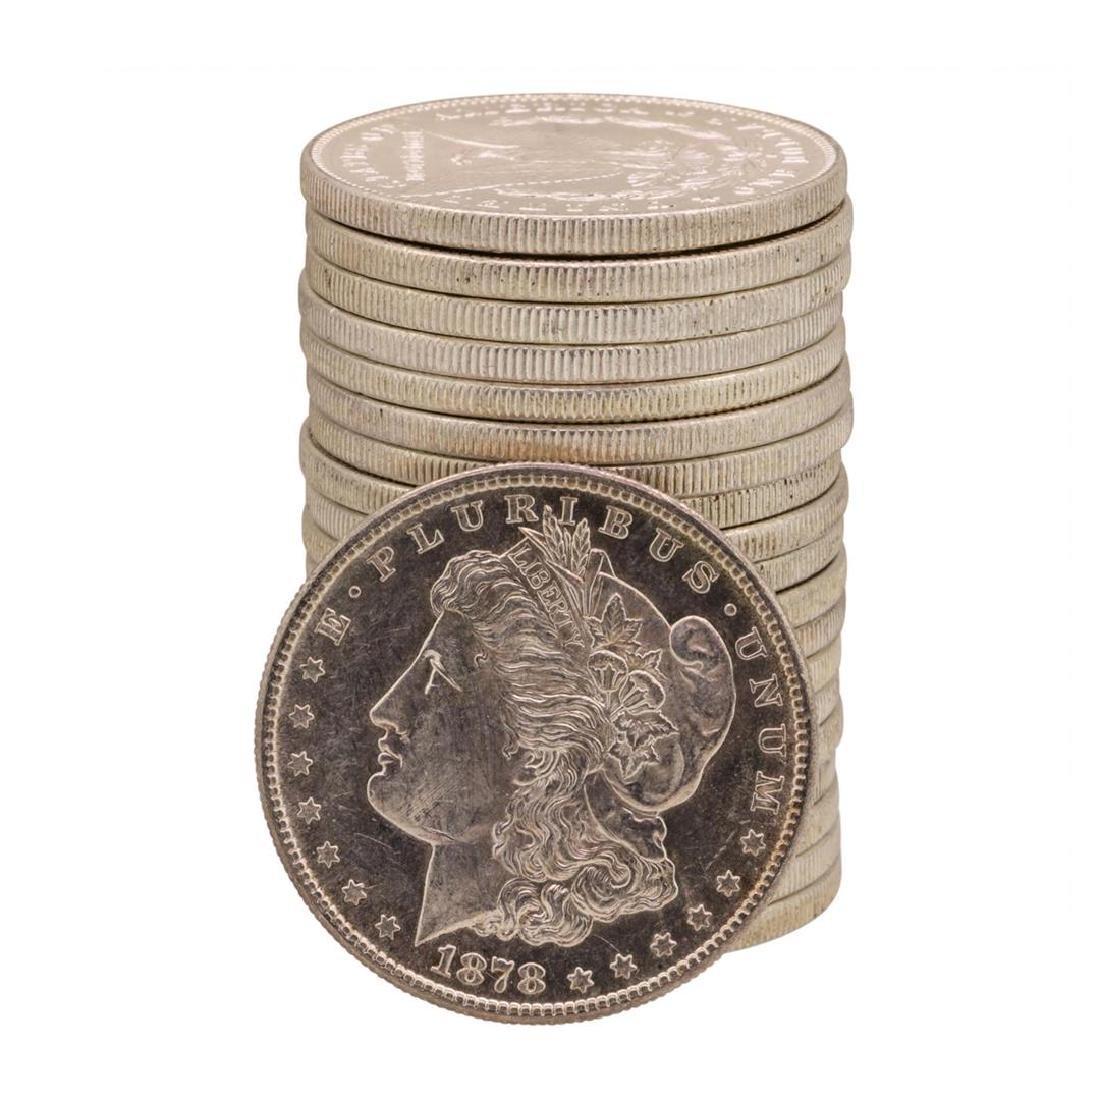 Roll of (20) Brilliant Uncirculated 1878-S $1 Morgan